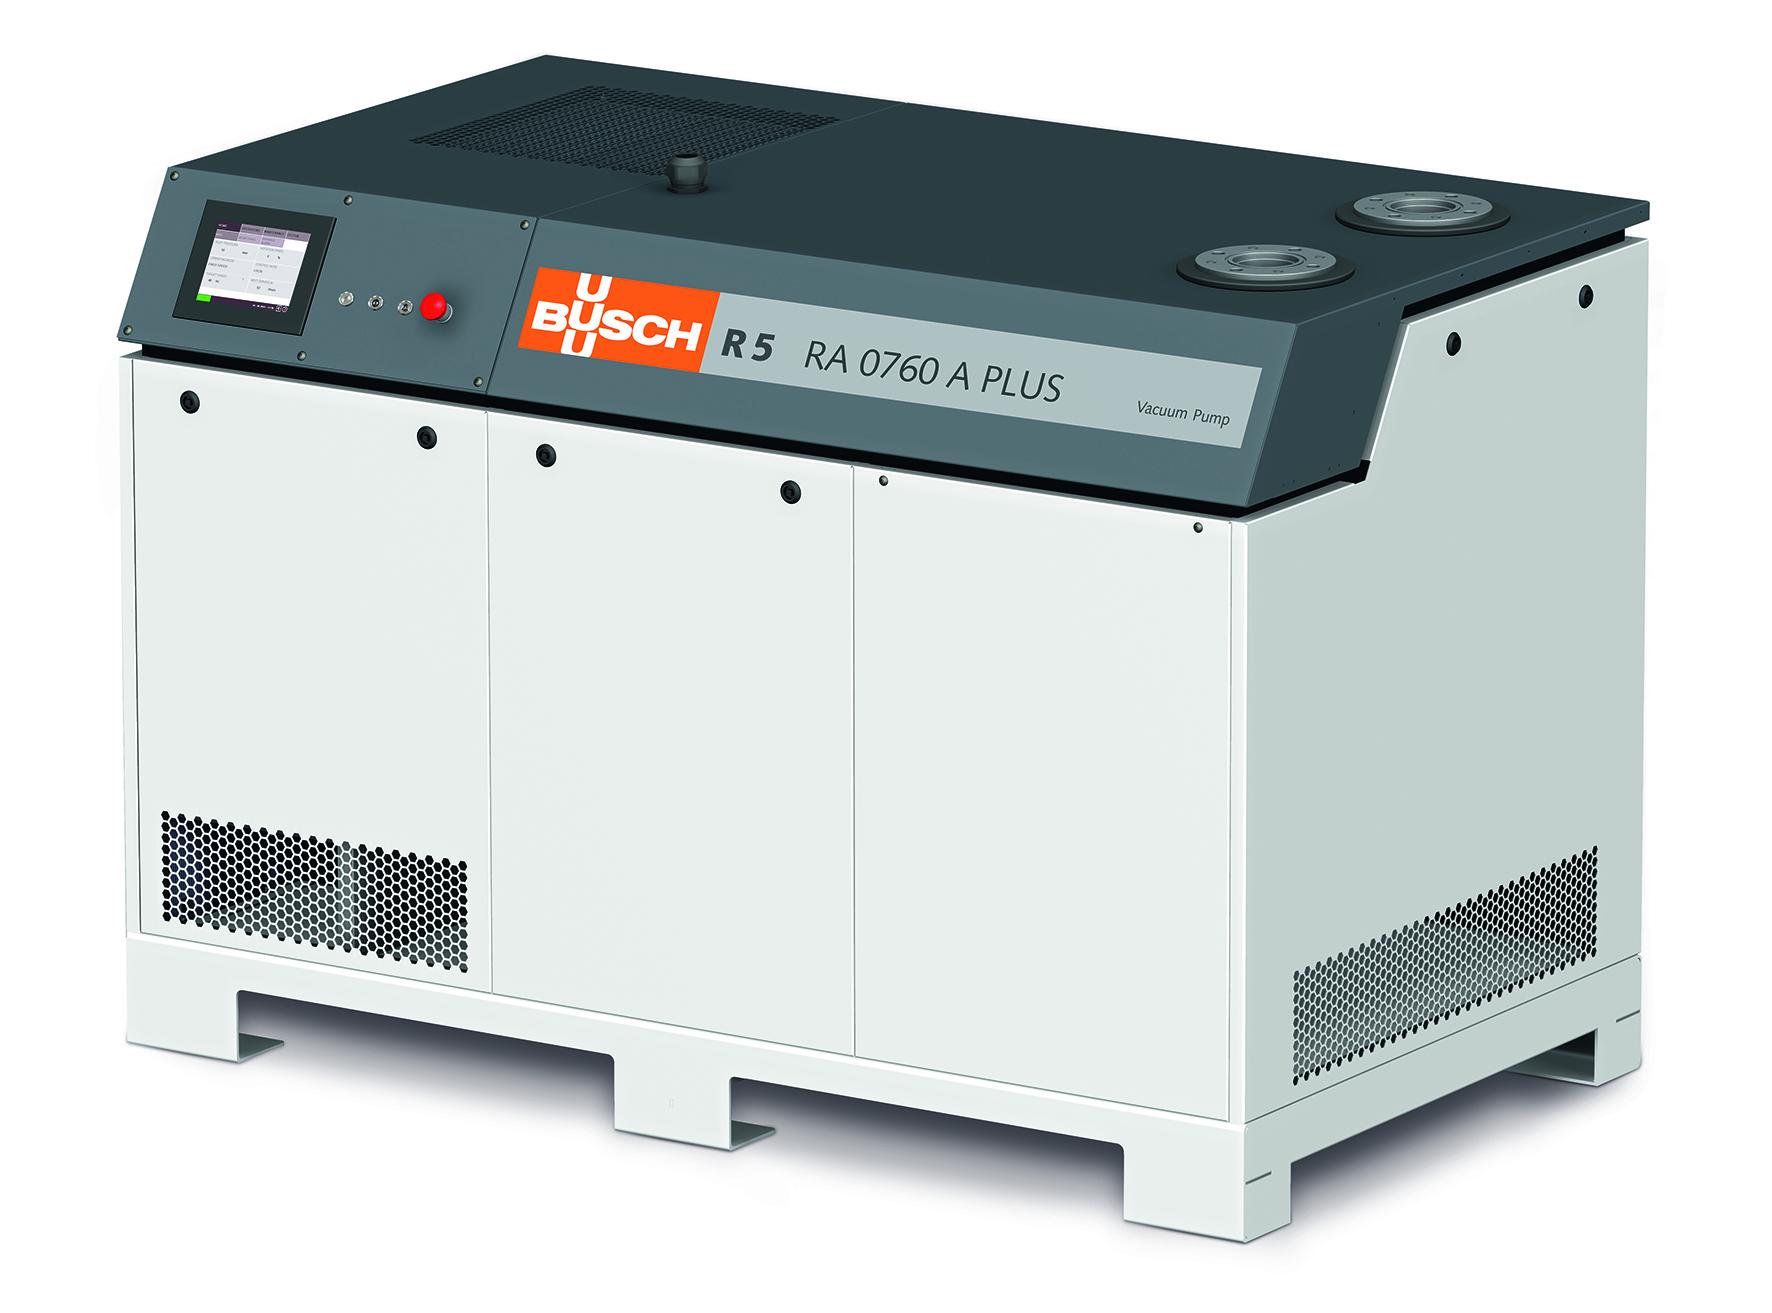 Ny lamelvakuumpumpe med trykregulering - industri 4.0 ready